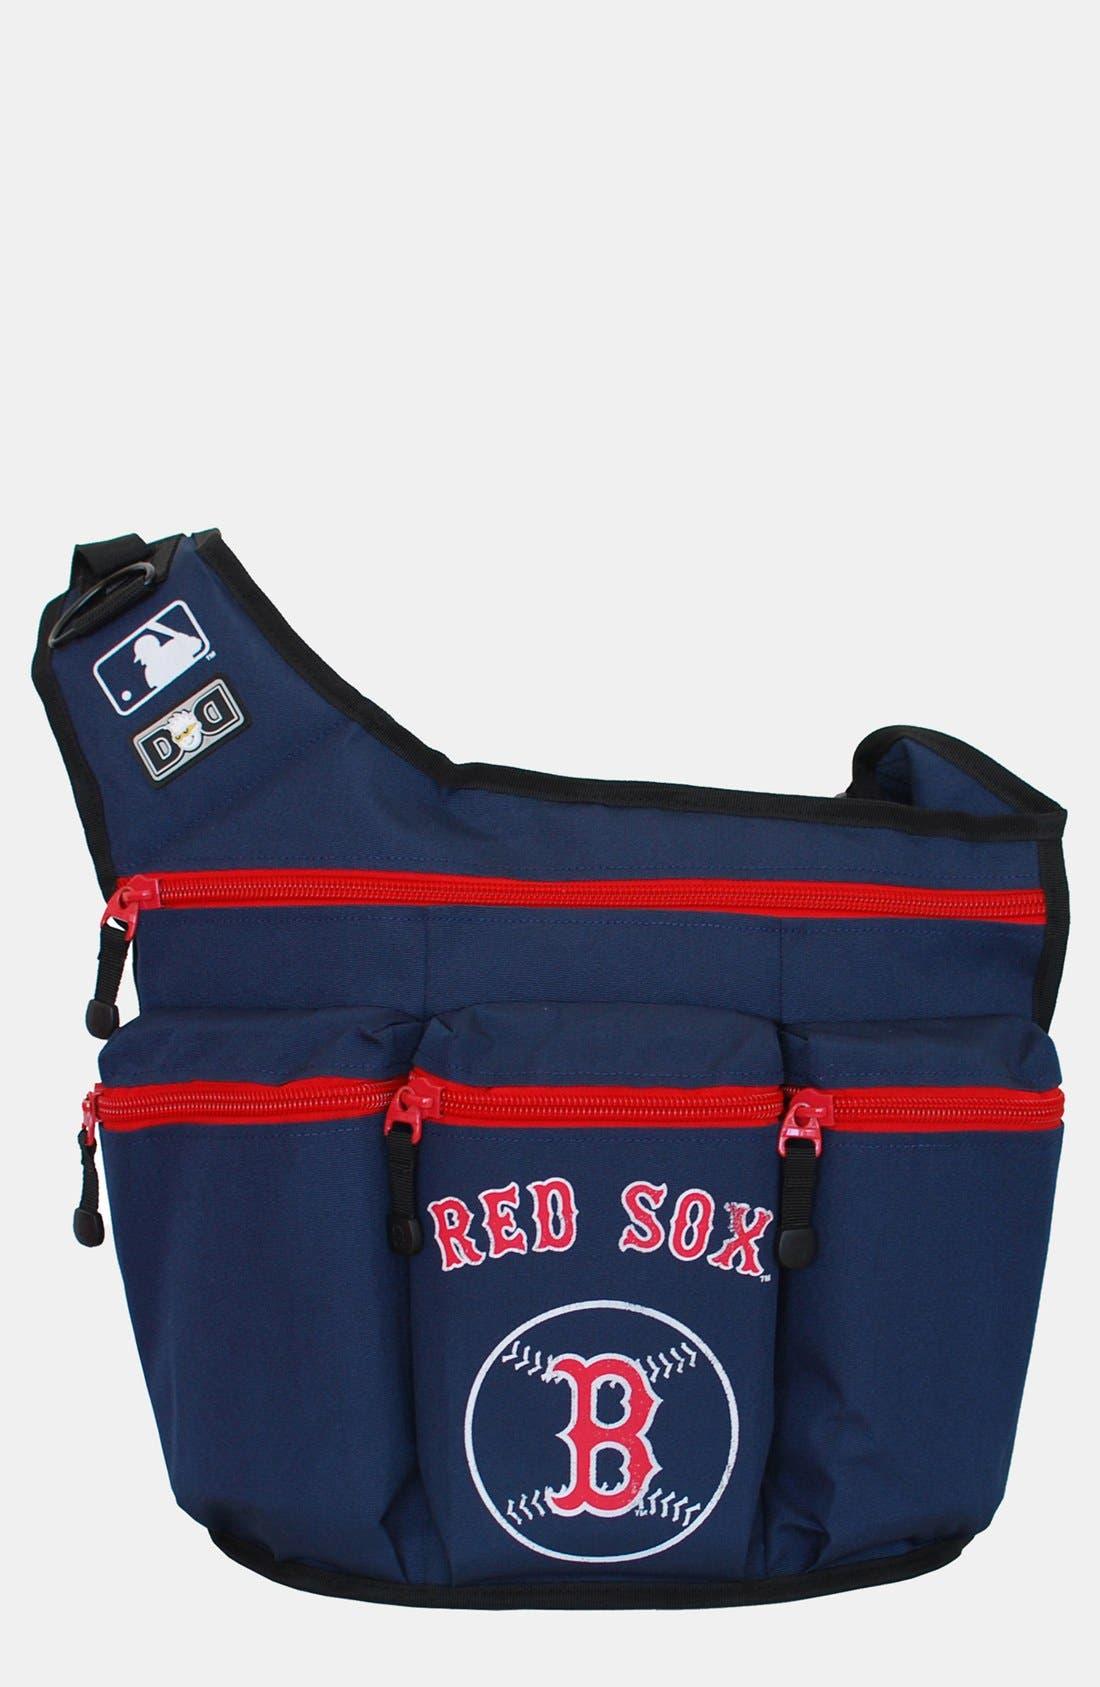 Alternate Image 1 Selected - Diaper Dude 'Boston Red Sox' Messenger Diaper Bag